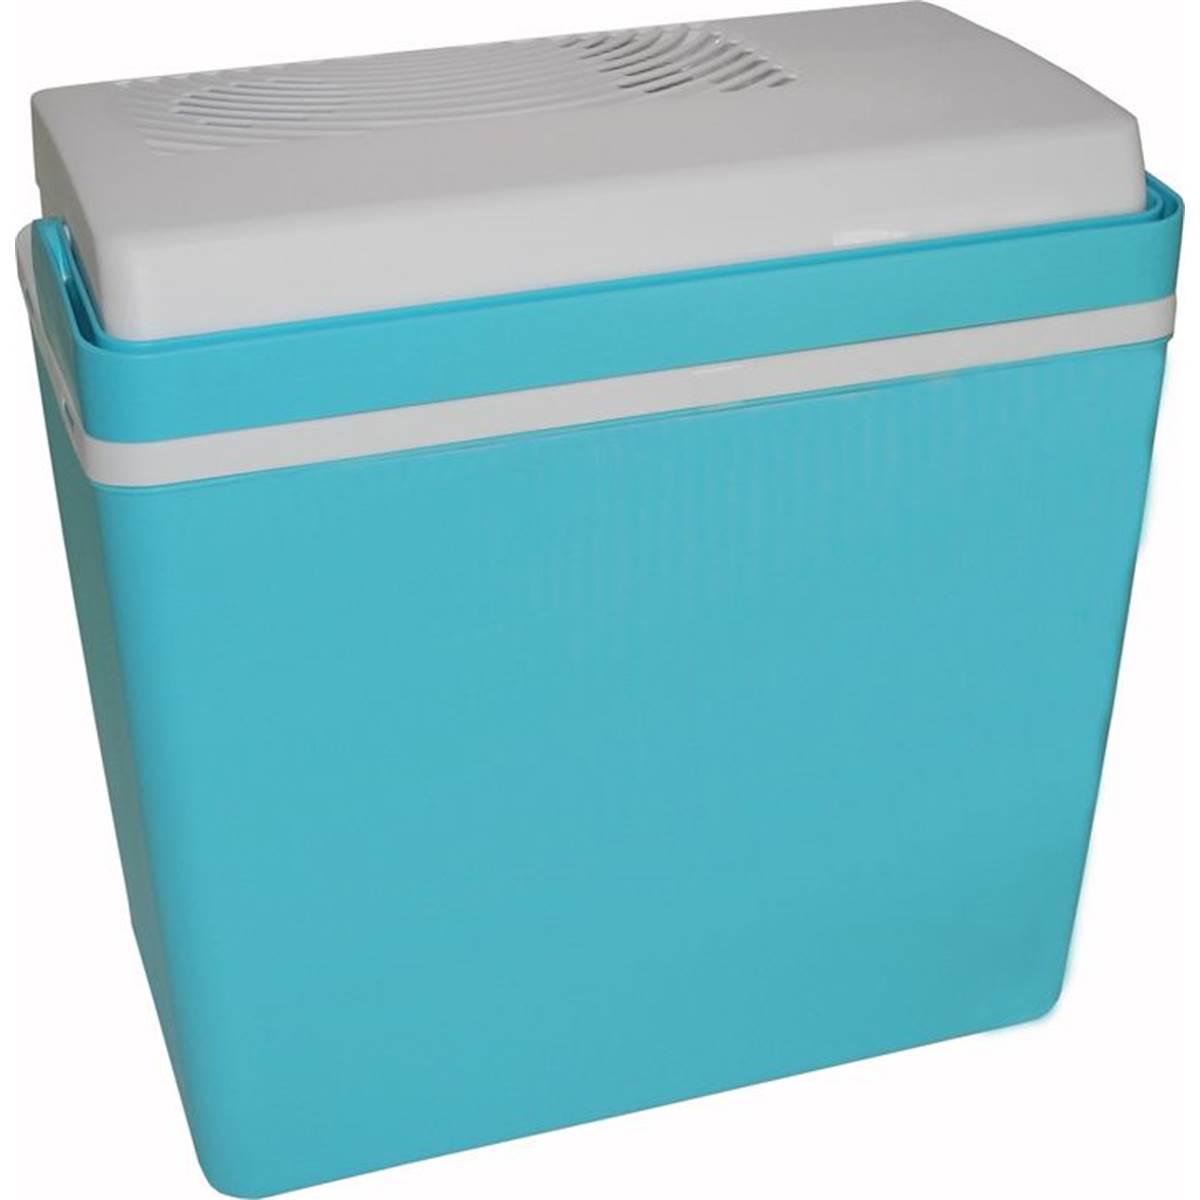 Glacière électrique 12/230V E24 Mirabelle bleu ciel 20 litres